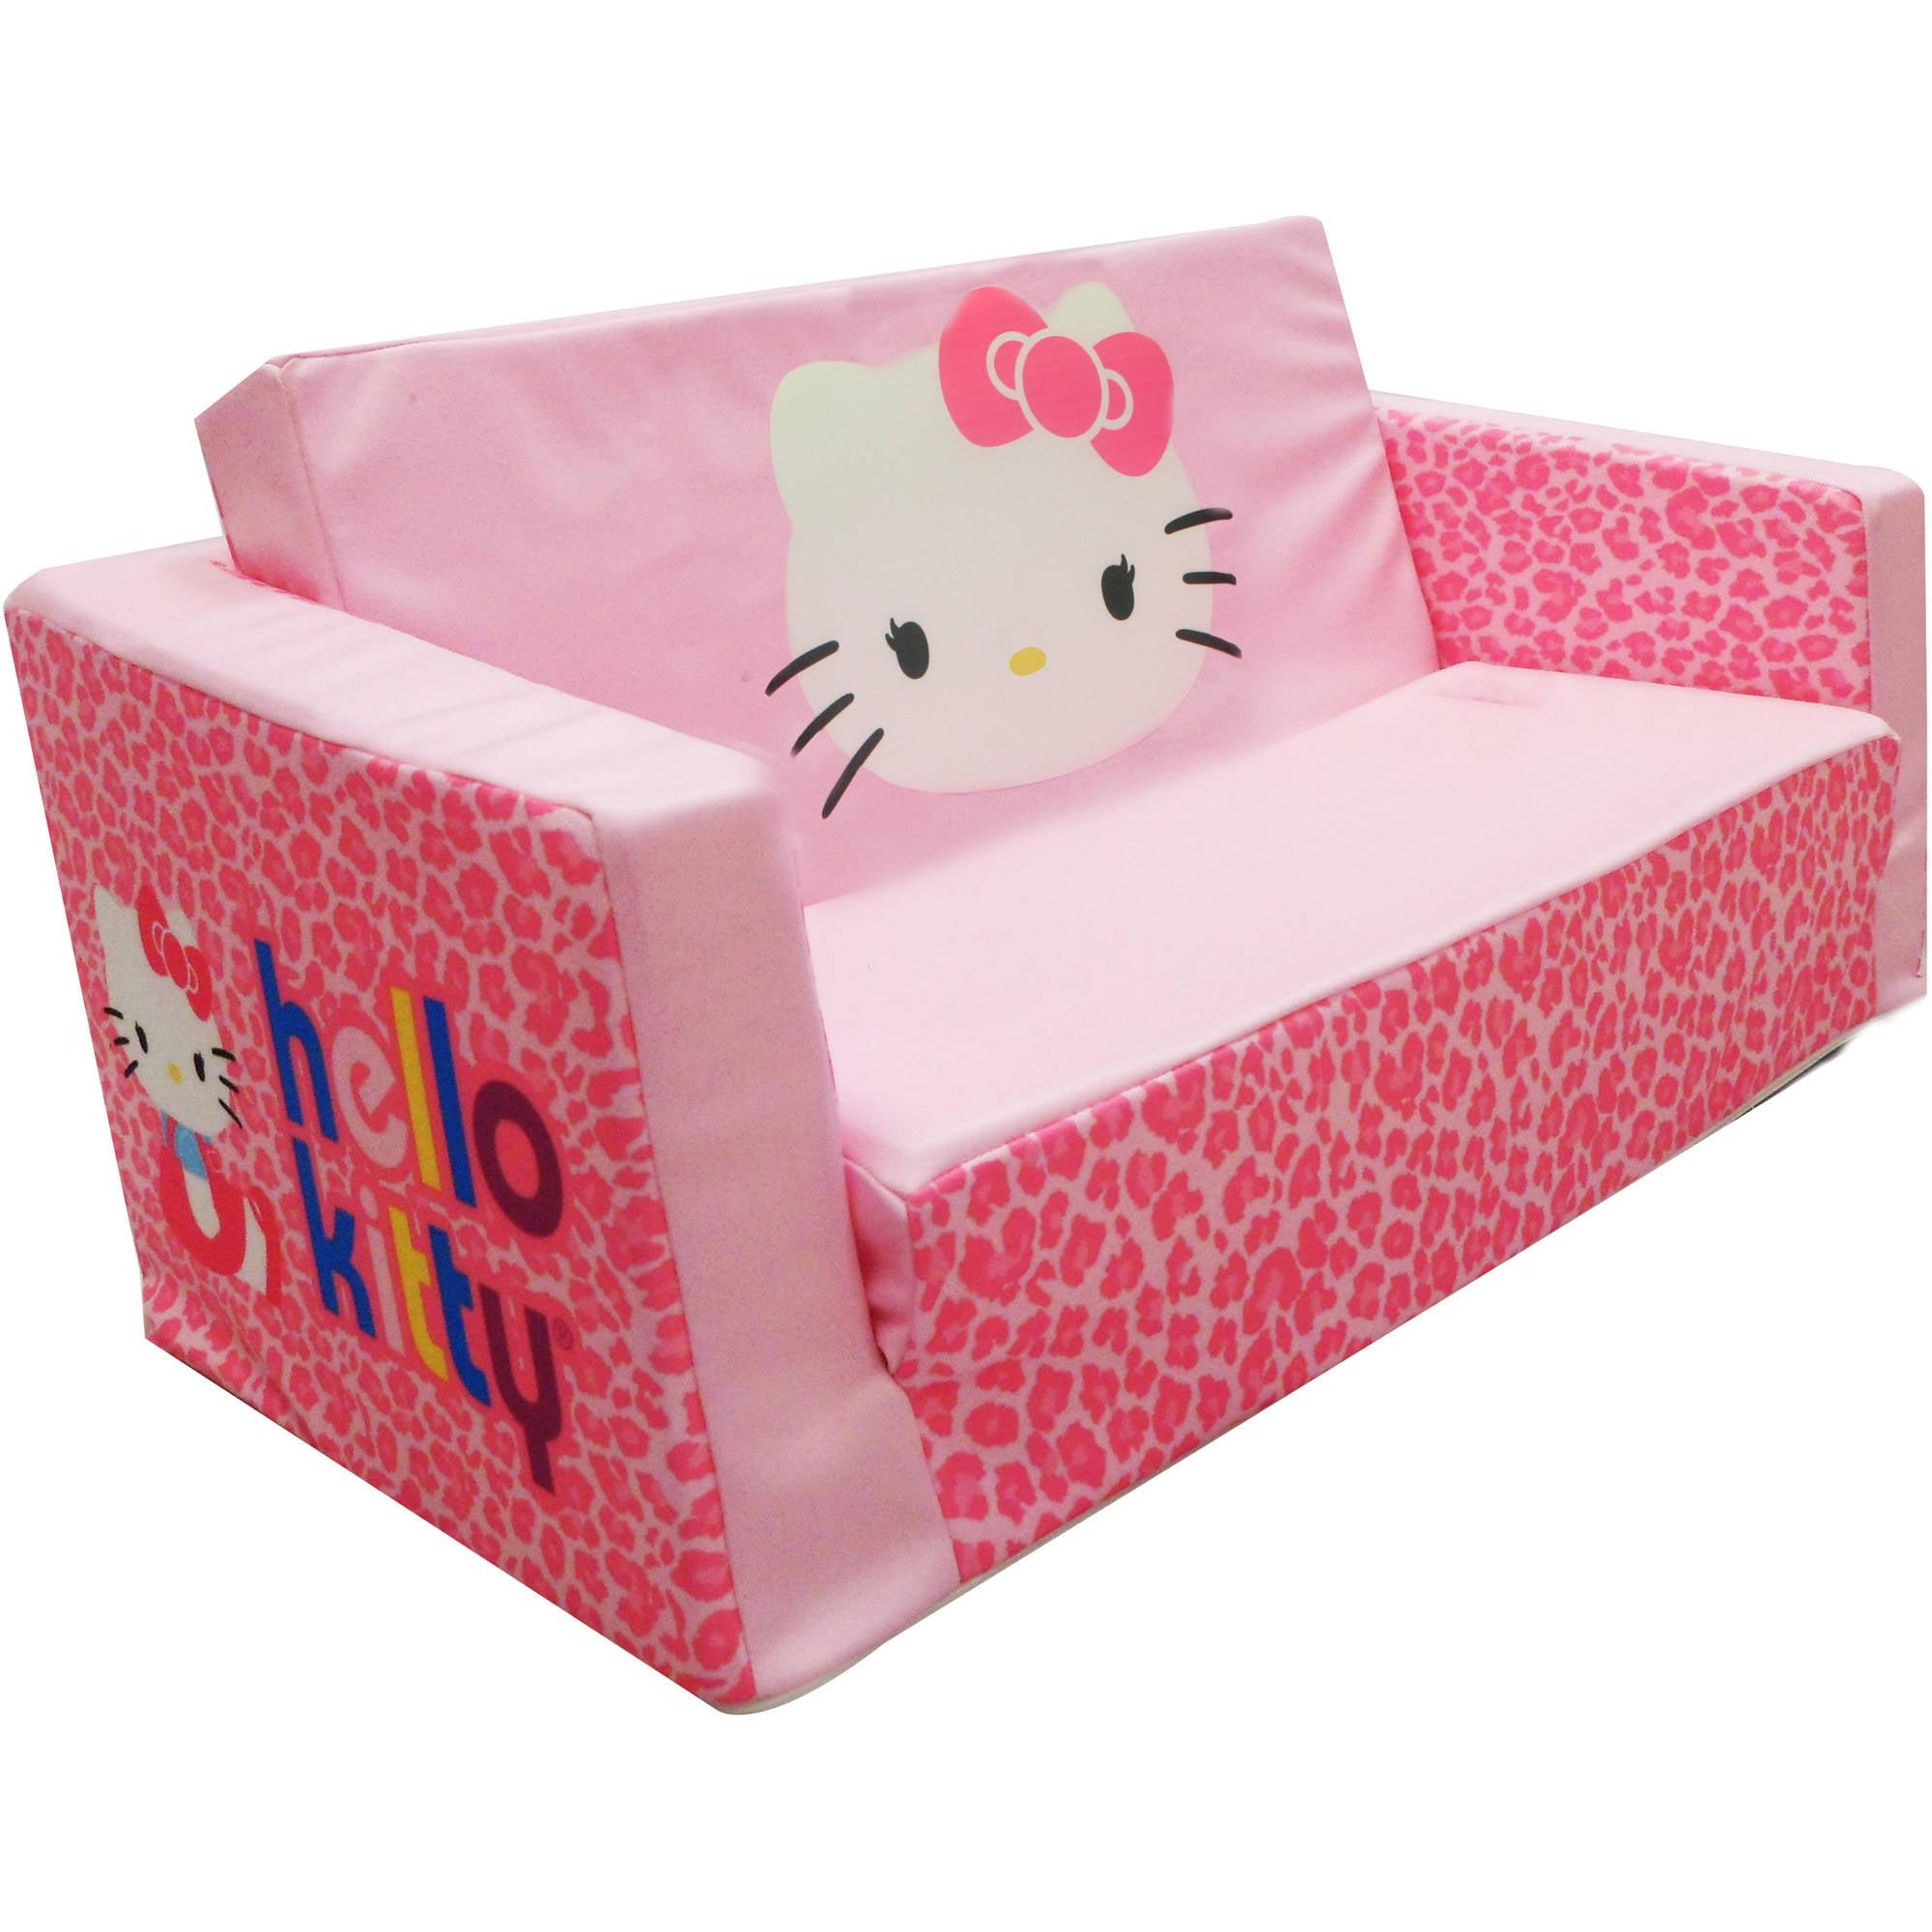 Hello Kitty Bows Small Flip Sofa